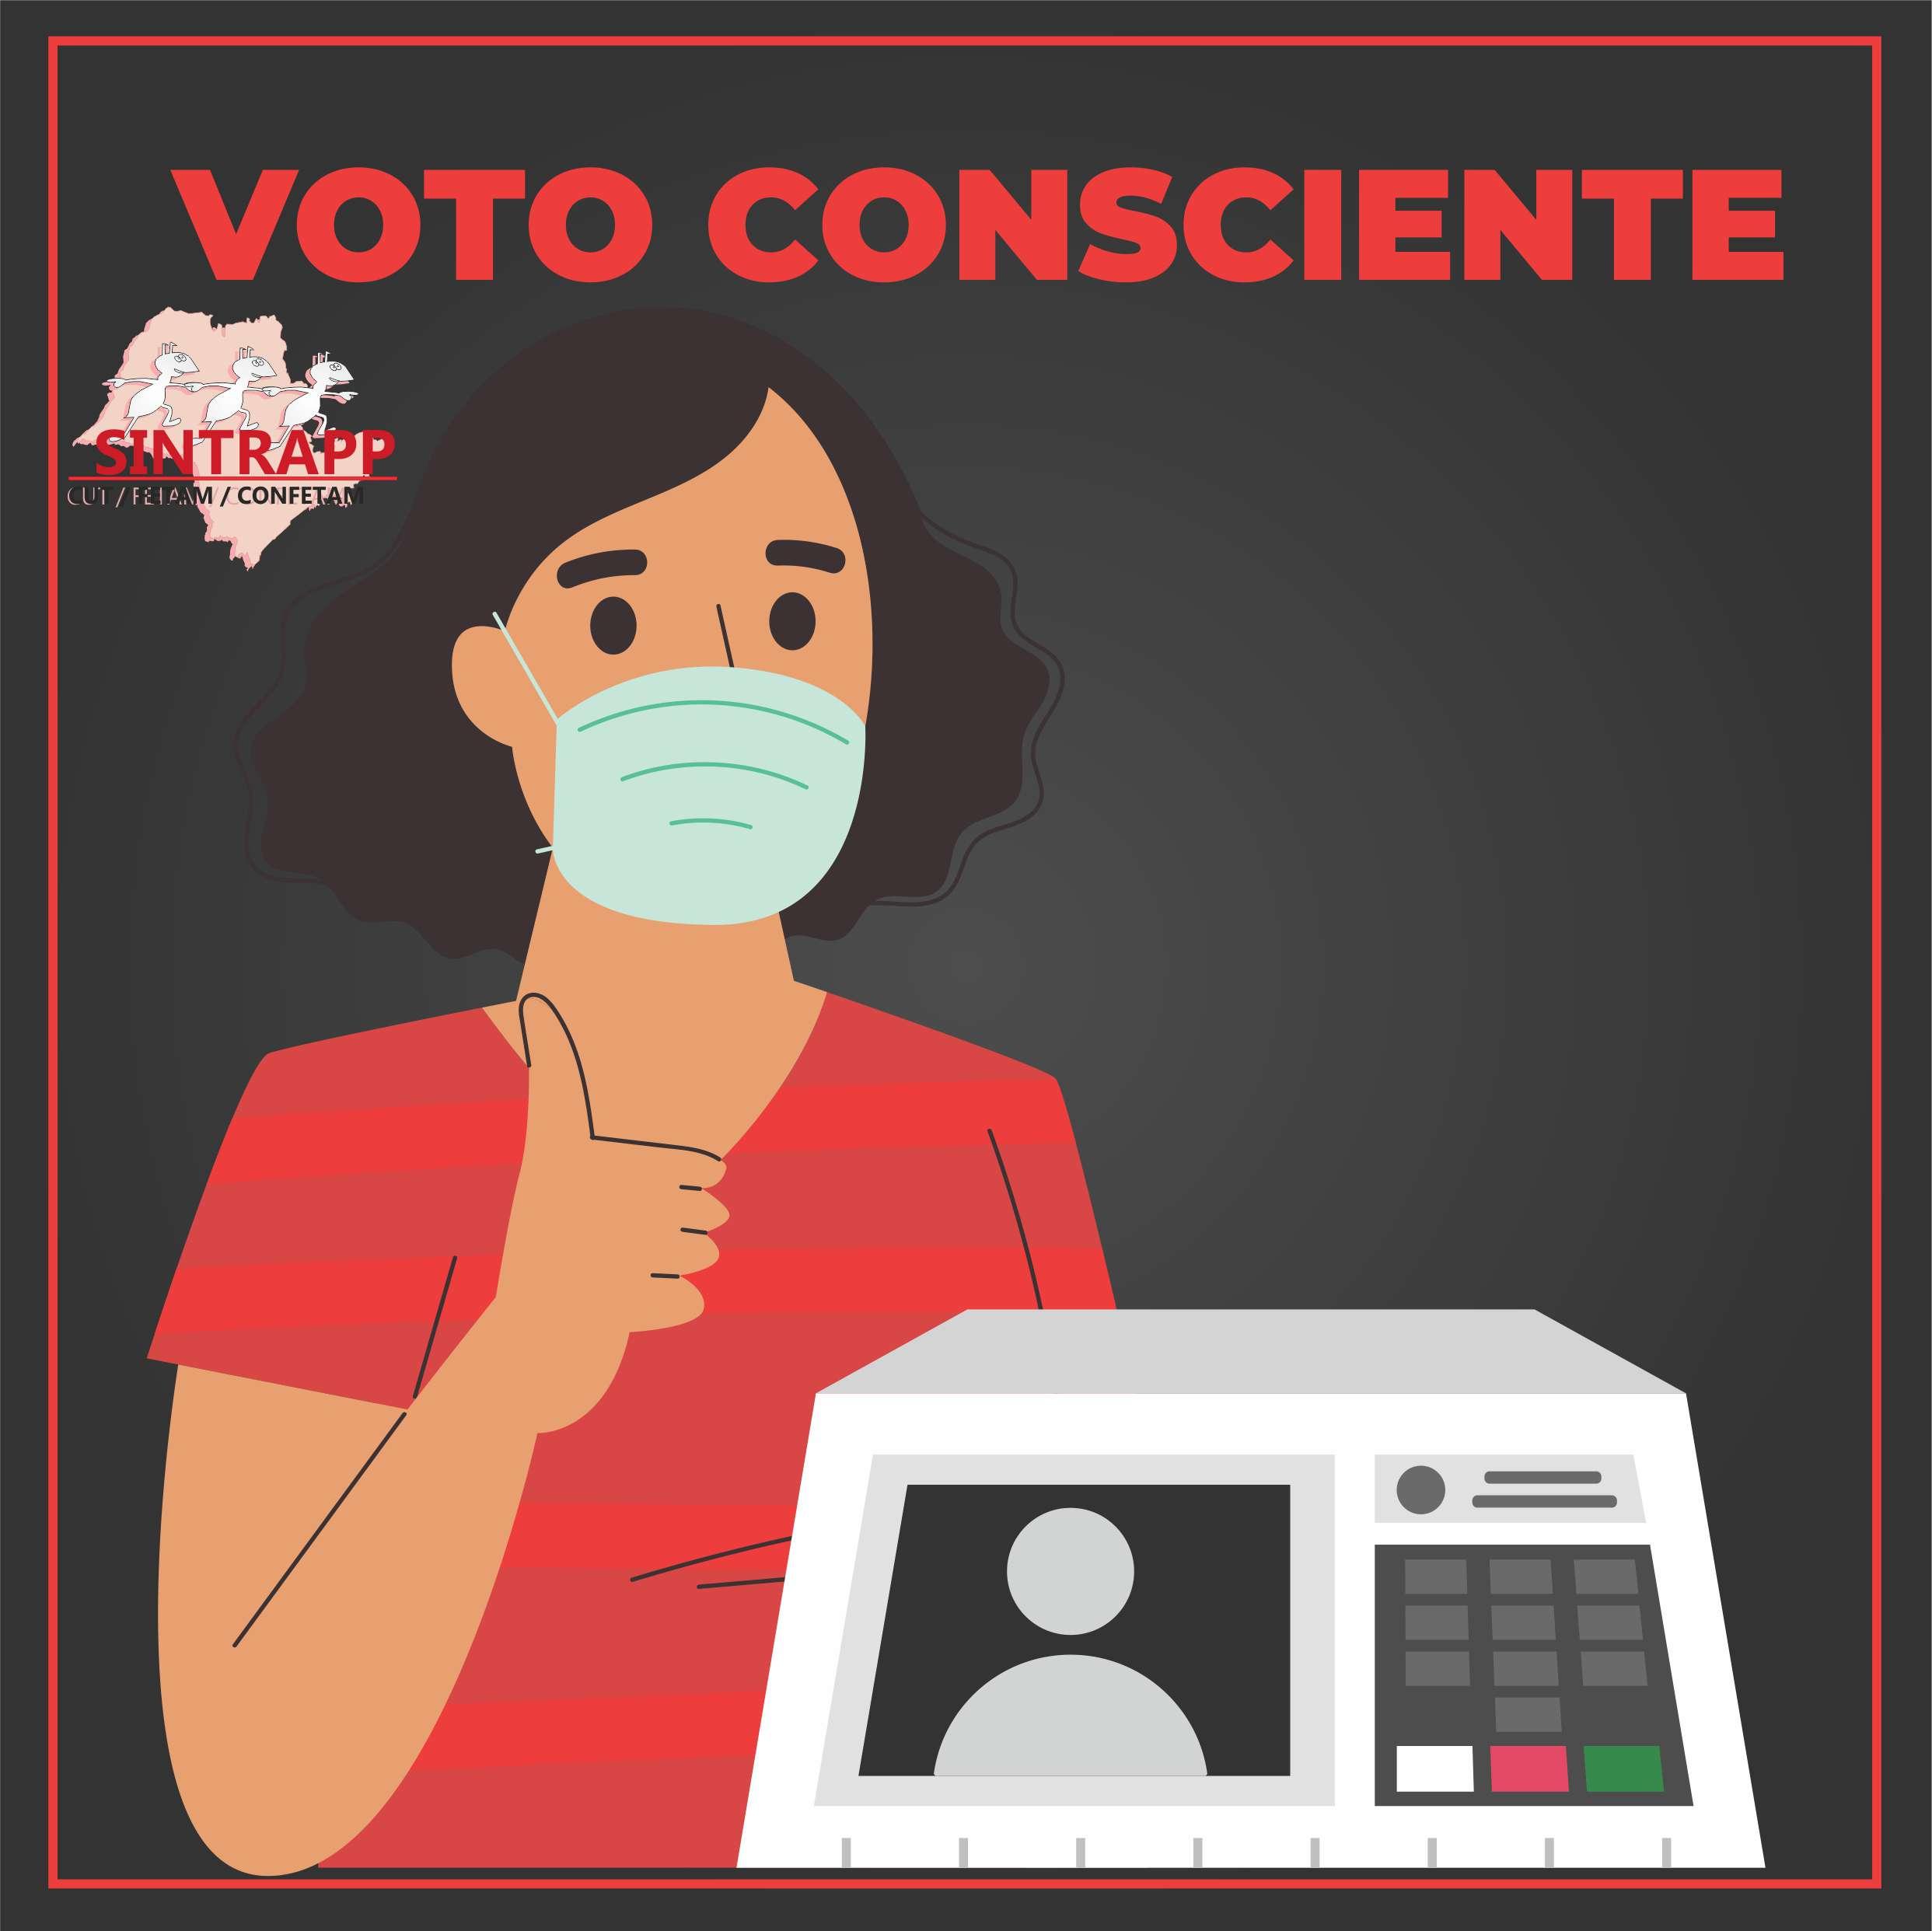 VOTE CONSCIENTE  EXERÇA A SUA CIDADANIA NESTE DOMINGO!